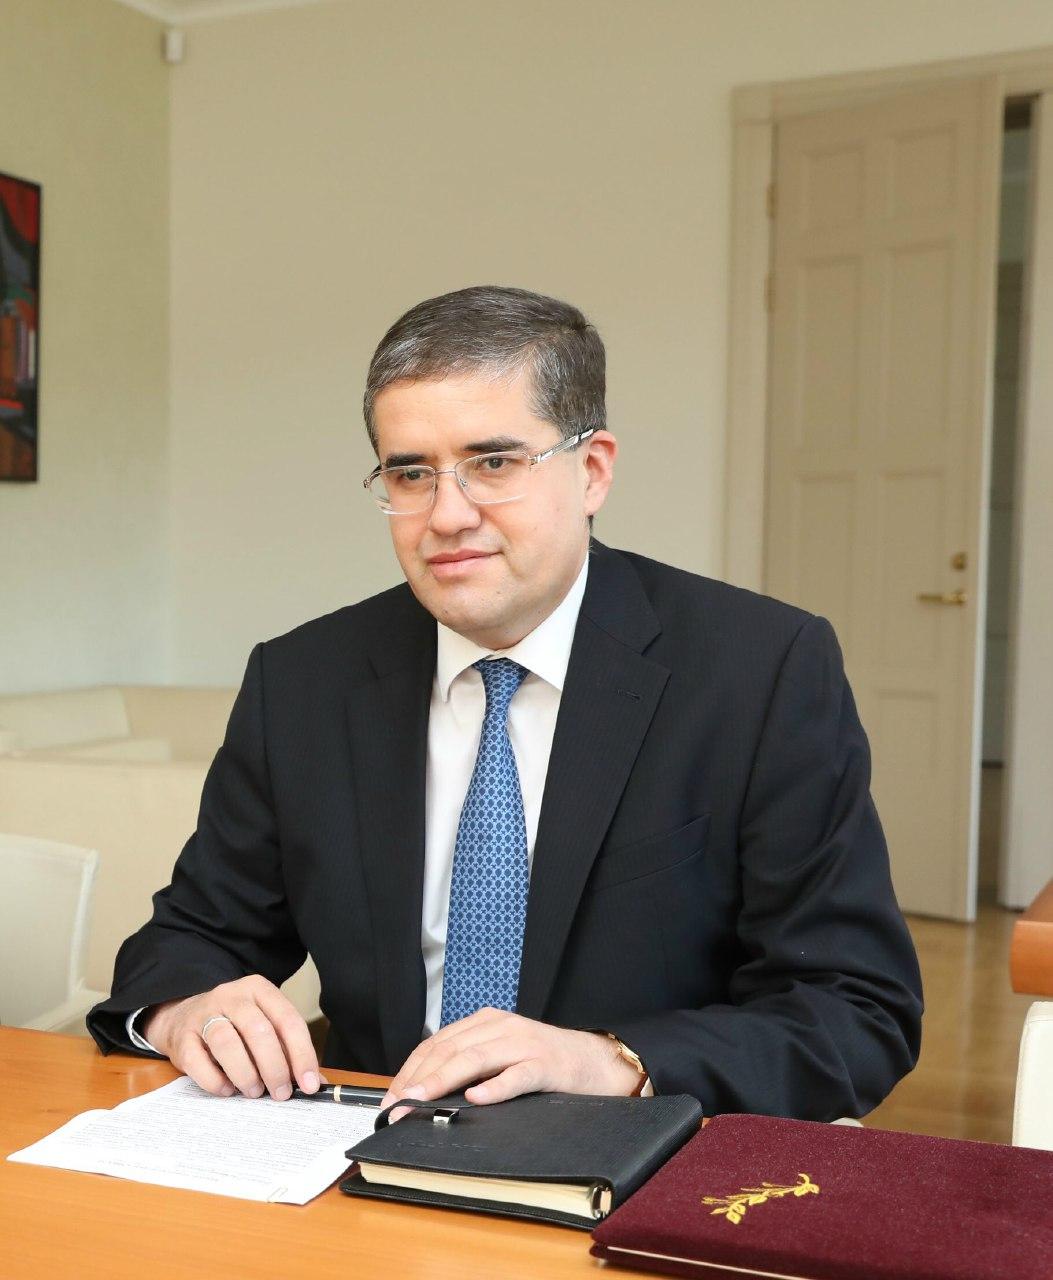 Бывший посол Узбекистана в Латвии назначен замминистра внешней торговли Узбекистана